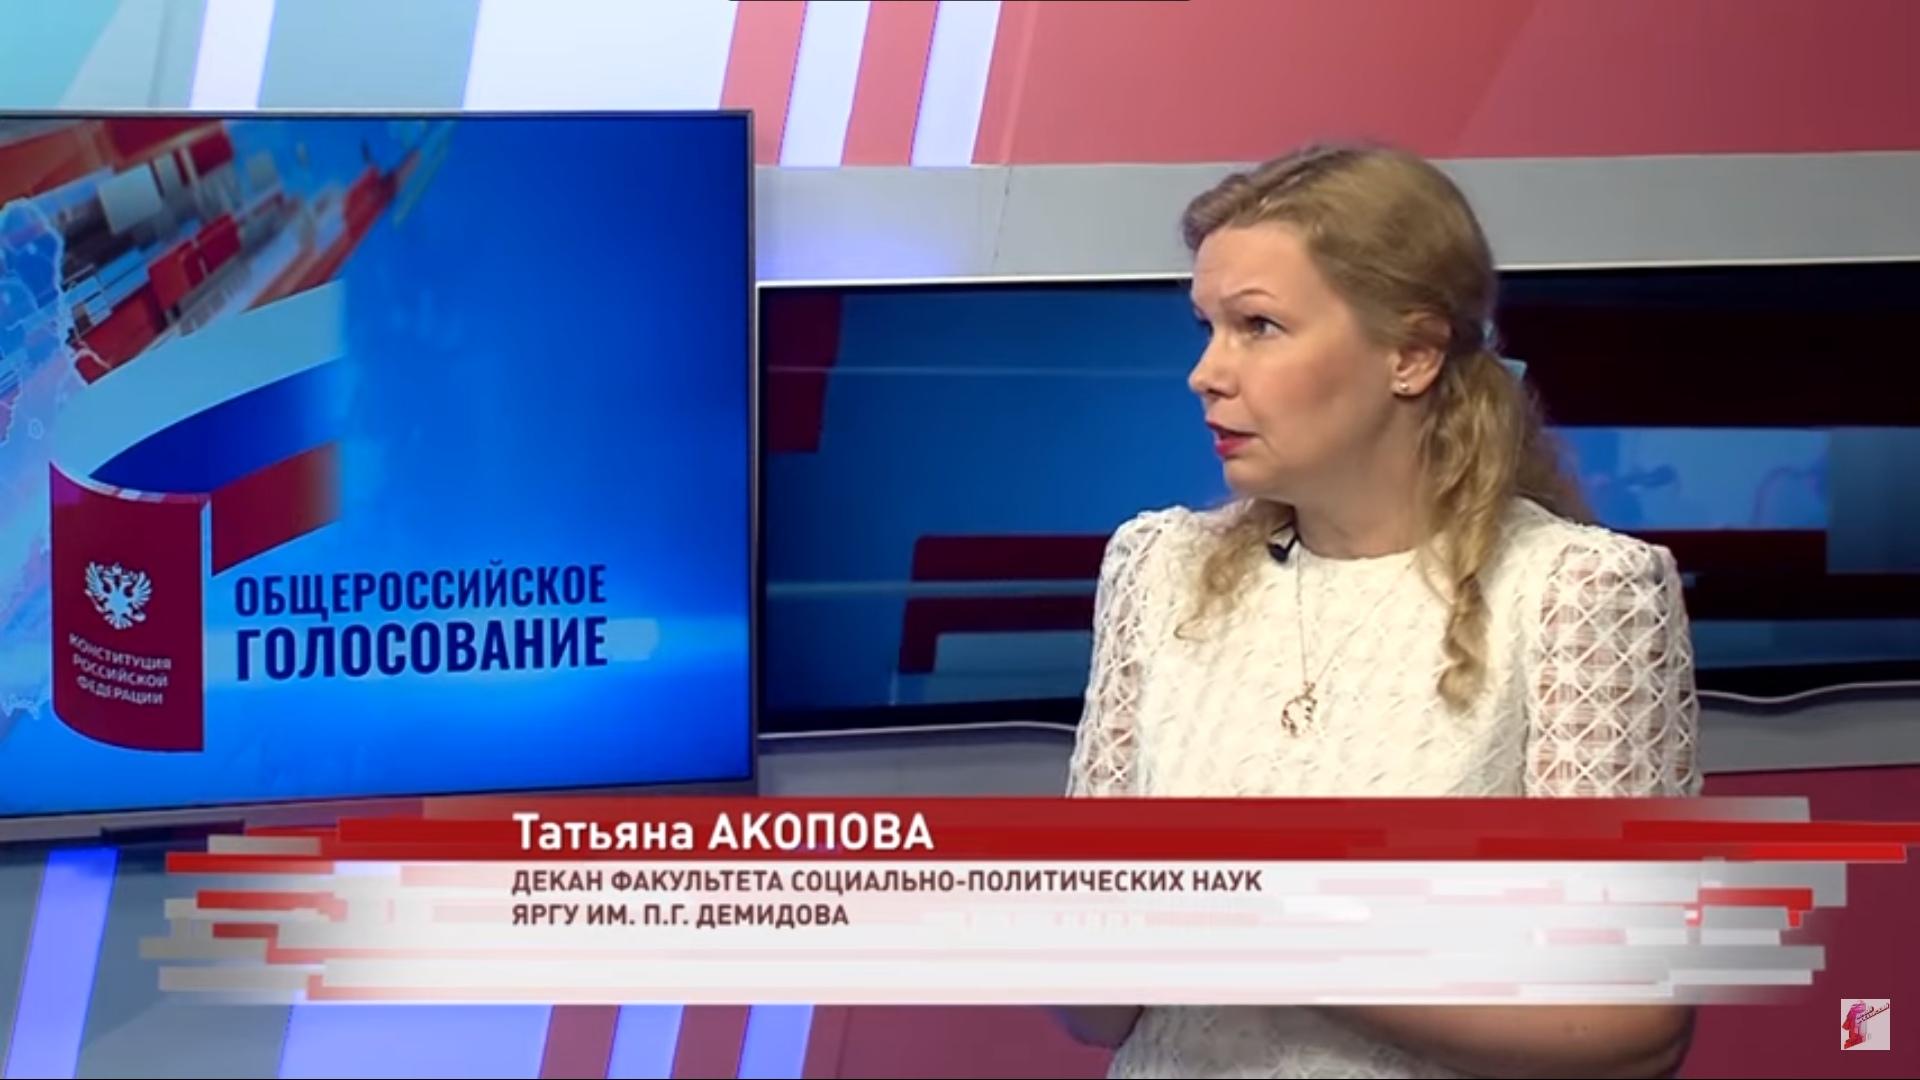 «Мы должны соответствовать текущему моменту»: Татьяна Акопова рассказала о необходимости поправок в Конституцию